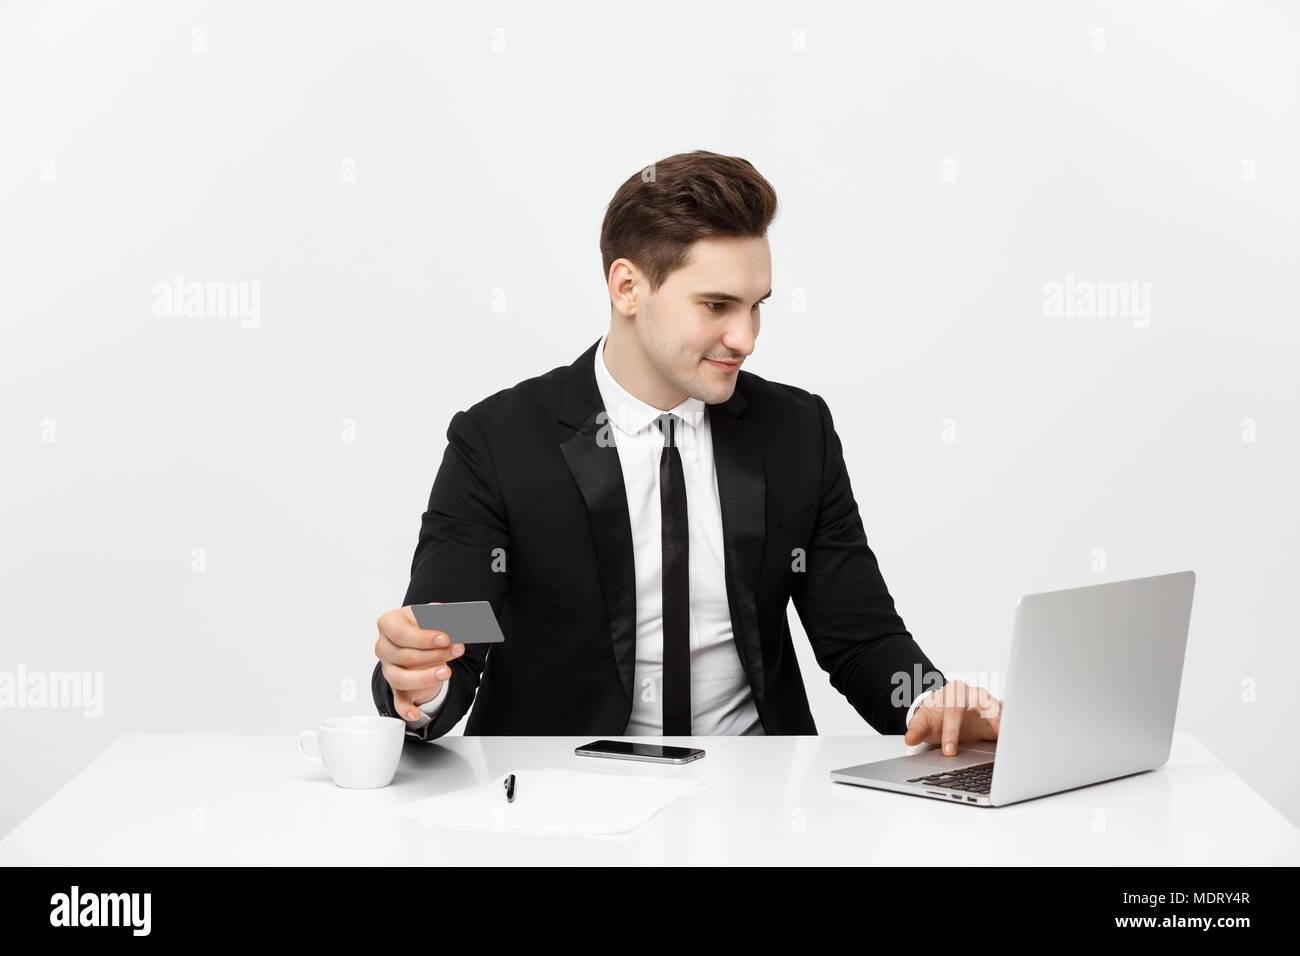 Junge Unternehmer mit Notebook und Kreditkarte über weißem Hintergrund Stockfoto